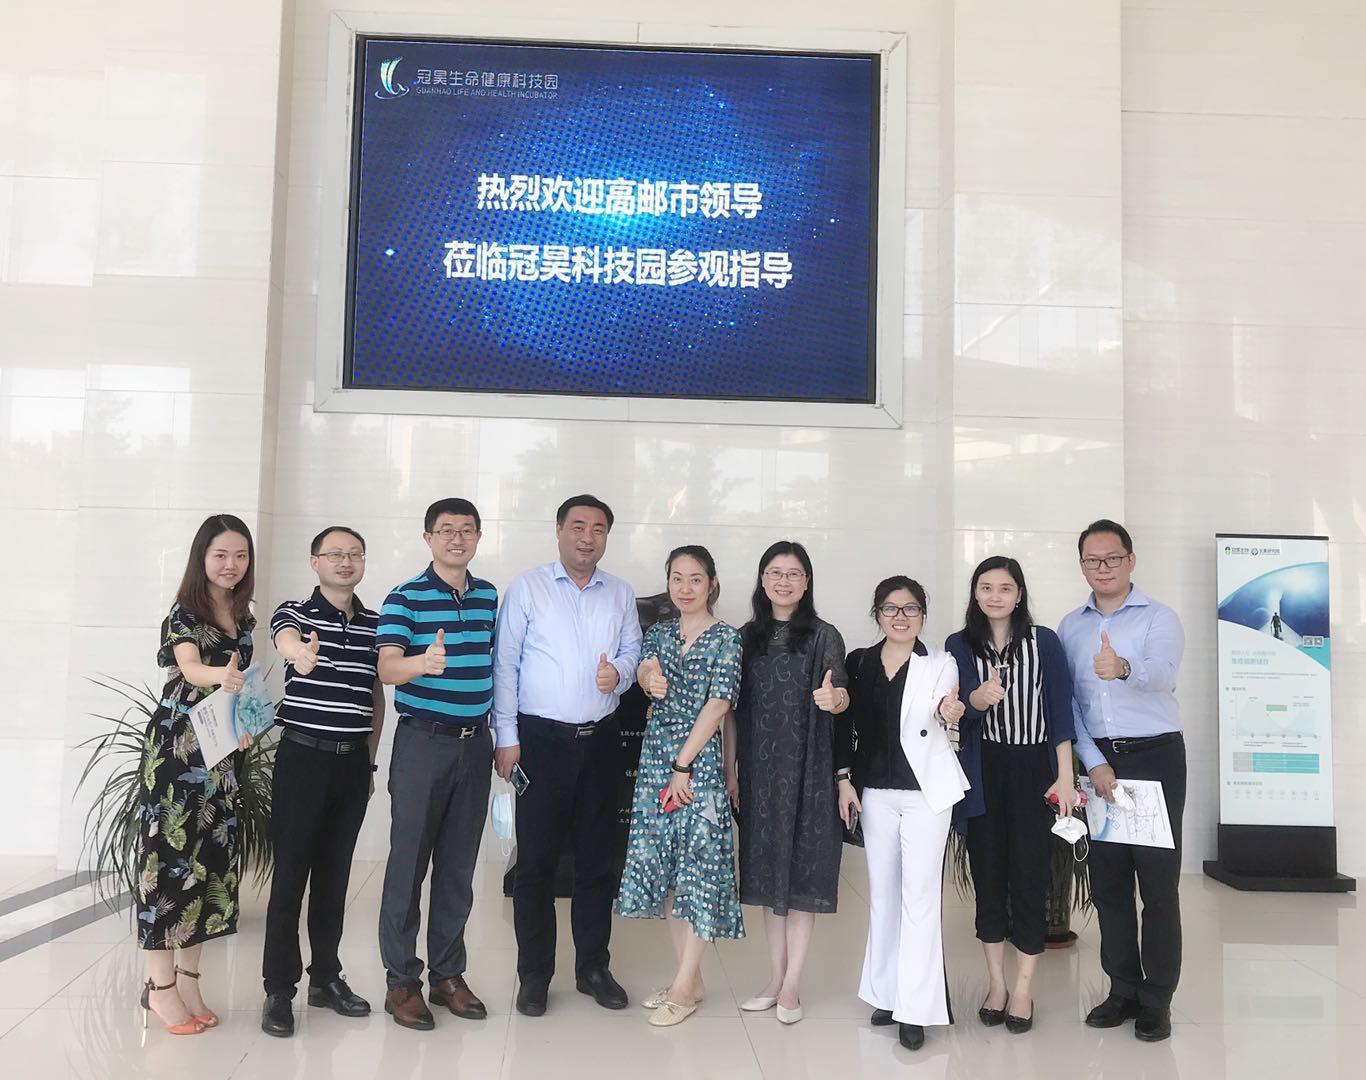 来访交流 | 江苏省高邮市领导一行莅临冠昊科技园指导调研!